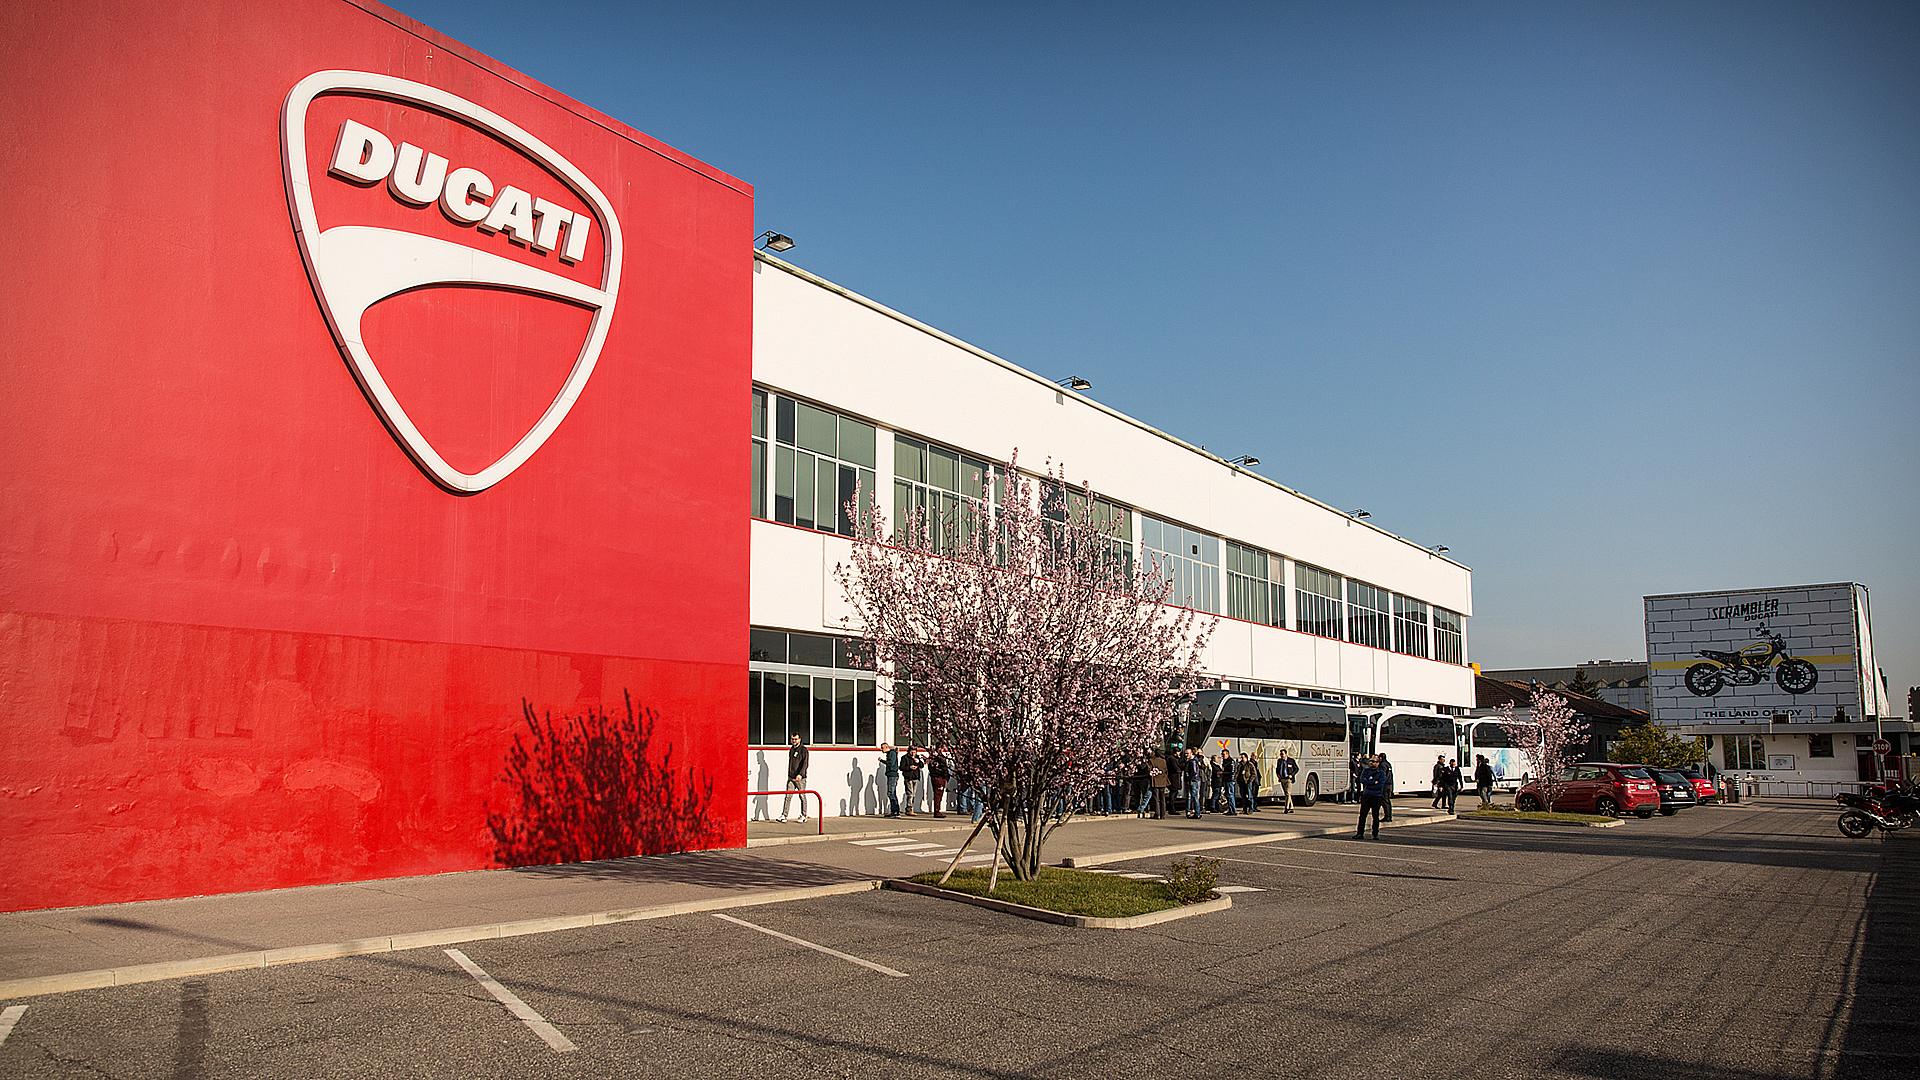 Ducati: al via nuove assunzioni in azienda